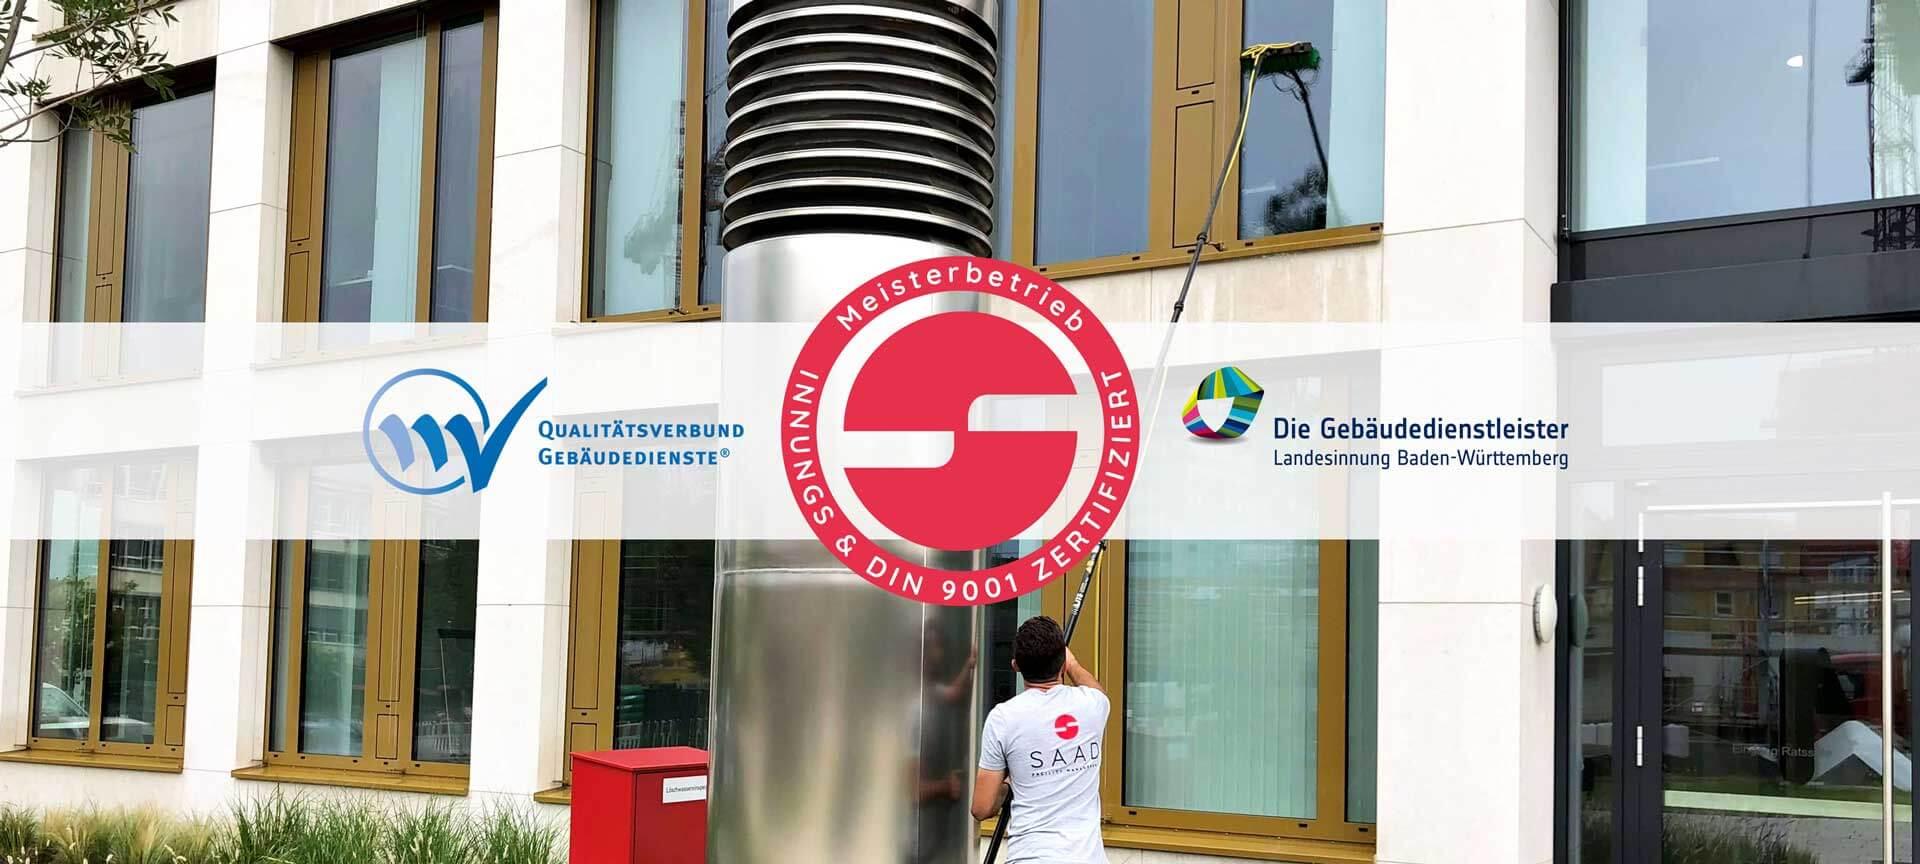 Ein Bild von einem großen Gebäude mit vielen Fenstern, die ein Mann in einem T-Shirt der Firma SAAD Facility Management mit einem langen Stab putzt.